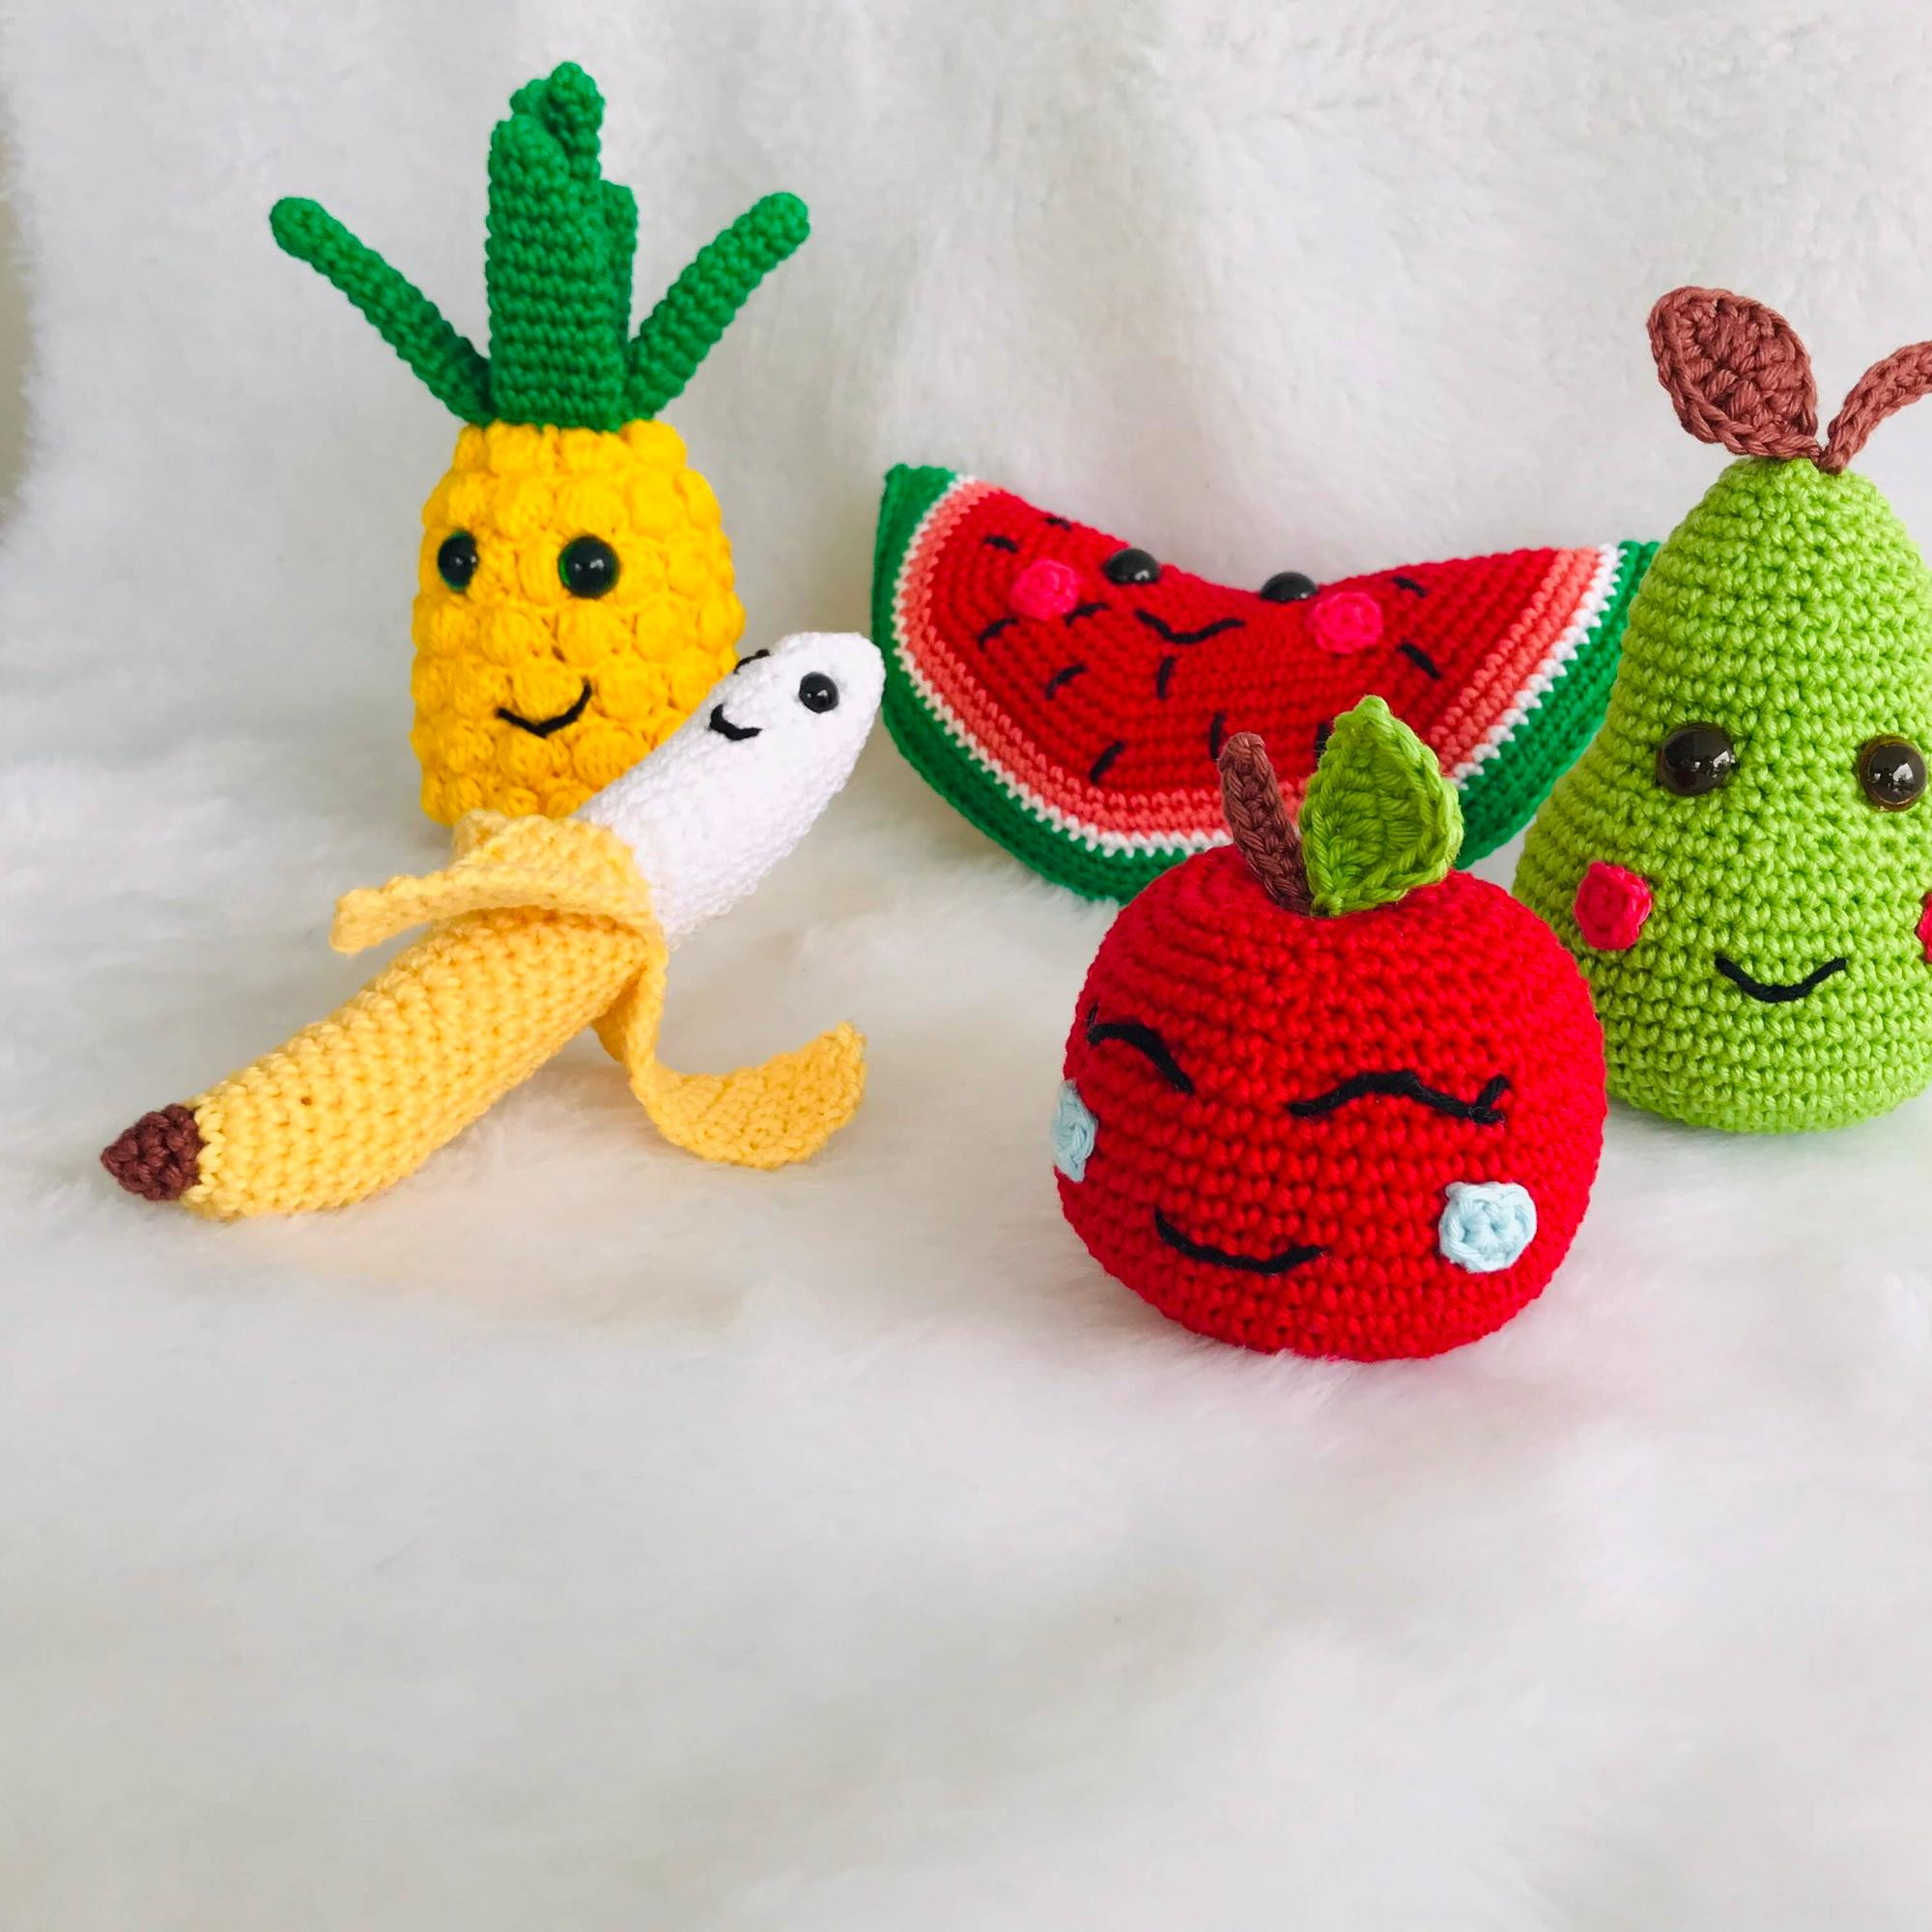 Prendedores Crochet Amigurumi Frutas Y Hortalizas - $ 170,00 en ... | 2000x2000